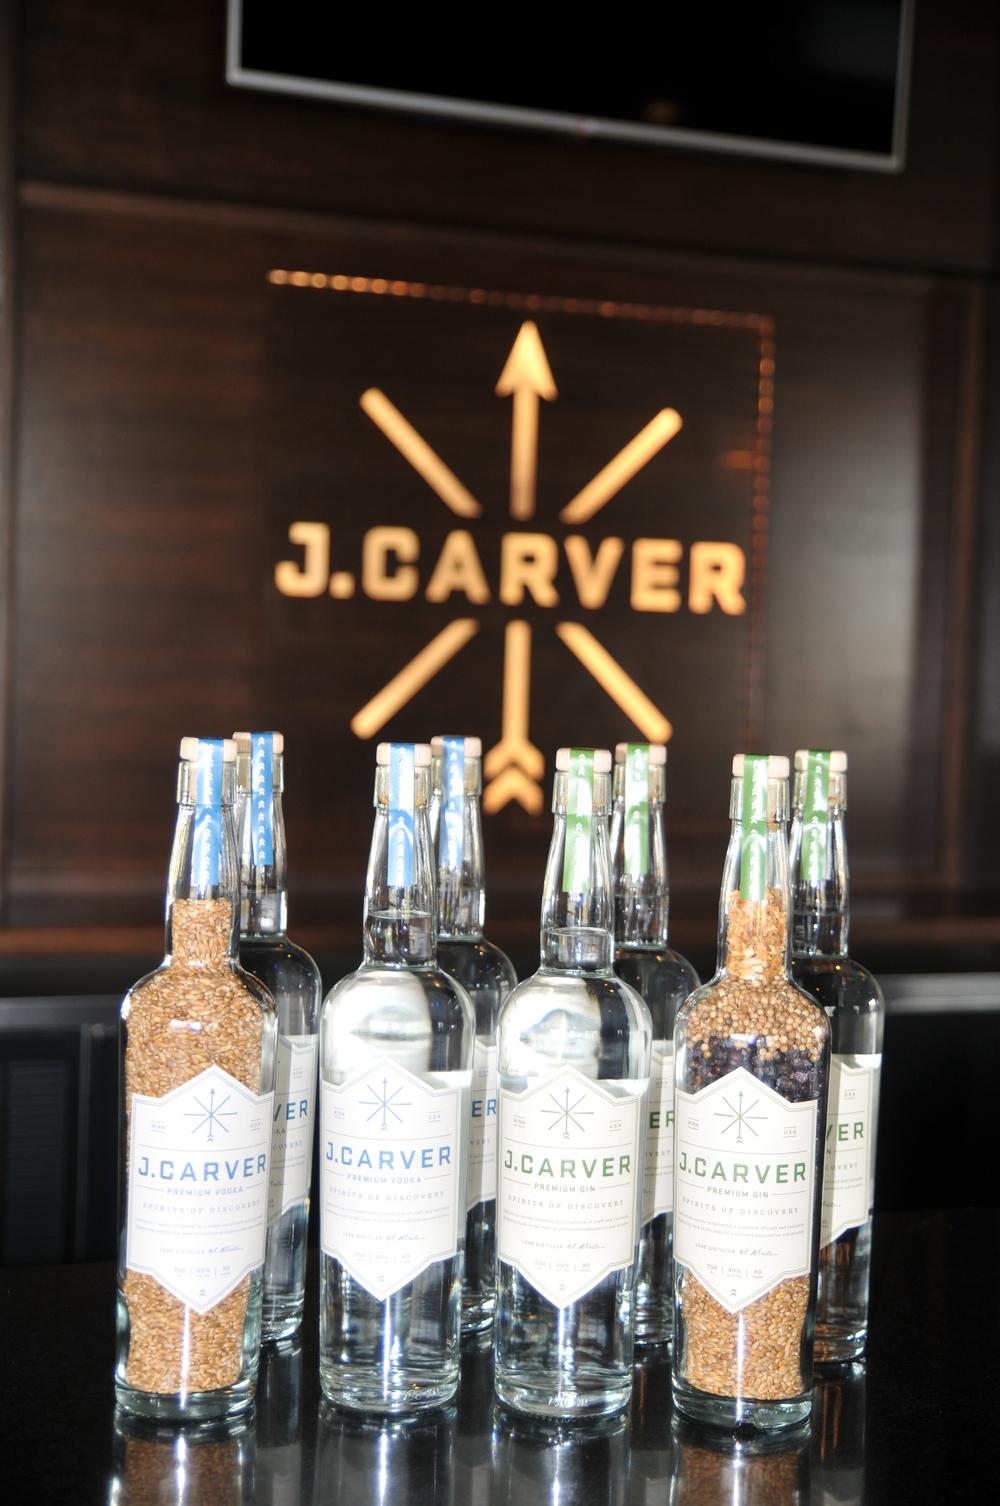 J. Carver Premium Vodka and J. Carver Premium Gin